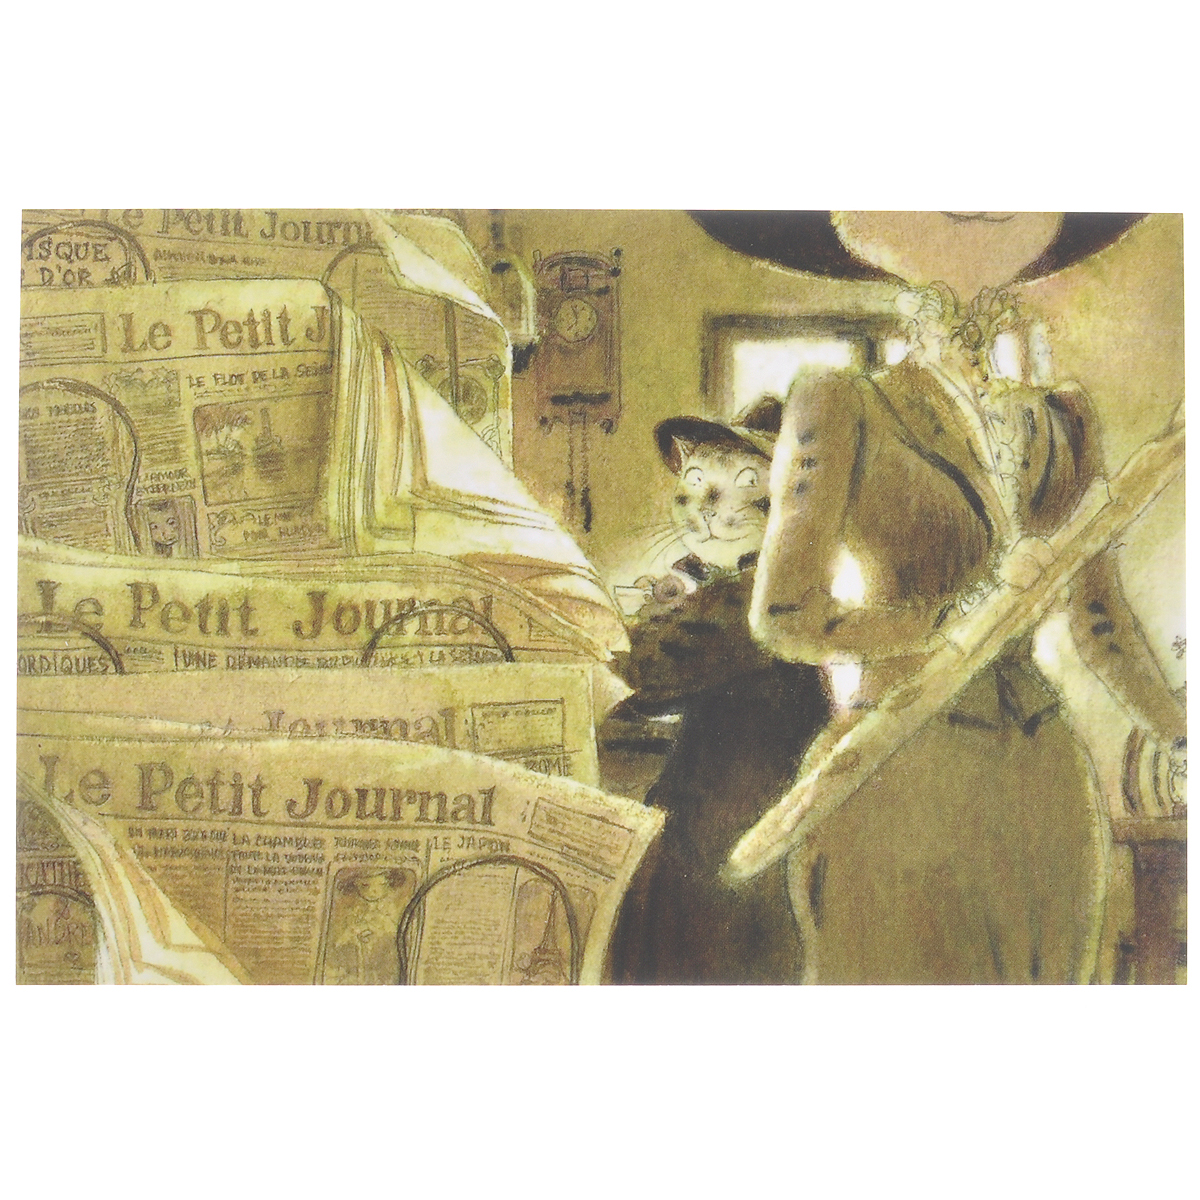 Открытка Однажды.... Из набора Парижский Кот-художник. Автор: Андрей Аринушкин030520010Оригинальная дизайнерская открытка Однажды… из набора Парижский Кот-художник выполнена из плотного матового картона. На лицевой стороне расположена репродукция картины художника Андрея Аринушкина. На задней стороне имеется поле для записей.Такая открытка станет великолепным дополнением к подарку или оригинальным почтовым посланием, которое, несомненно, удивит получателя своим дизайном и подарит приятные воспоминания.